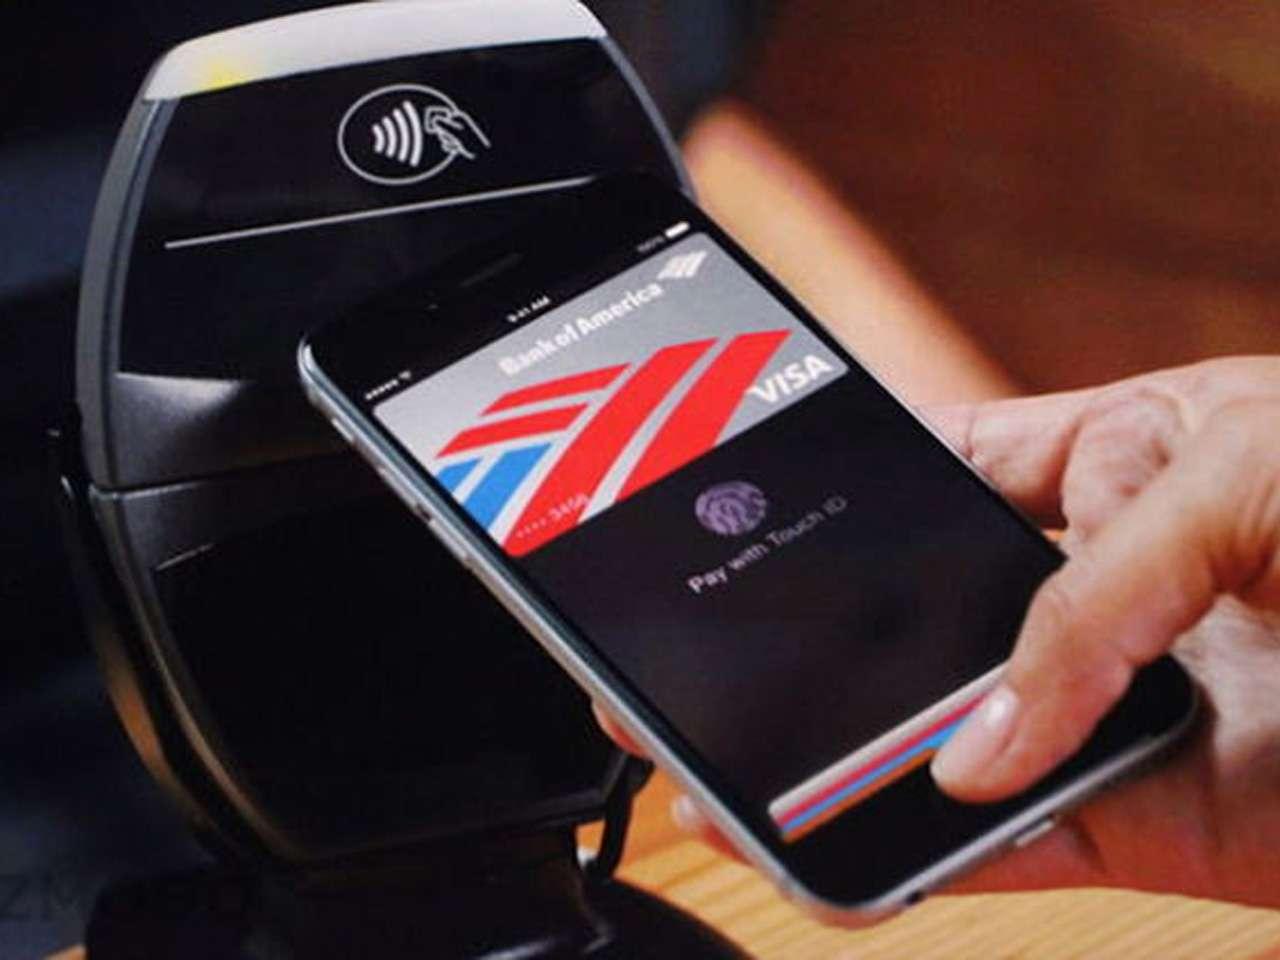 Apple Pay empezará a funcionar en octubre sólo en Estados Unidos Foto: Apple